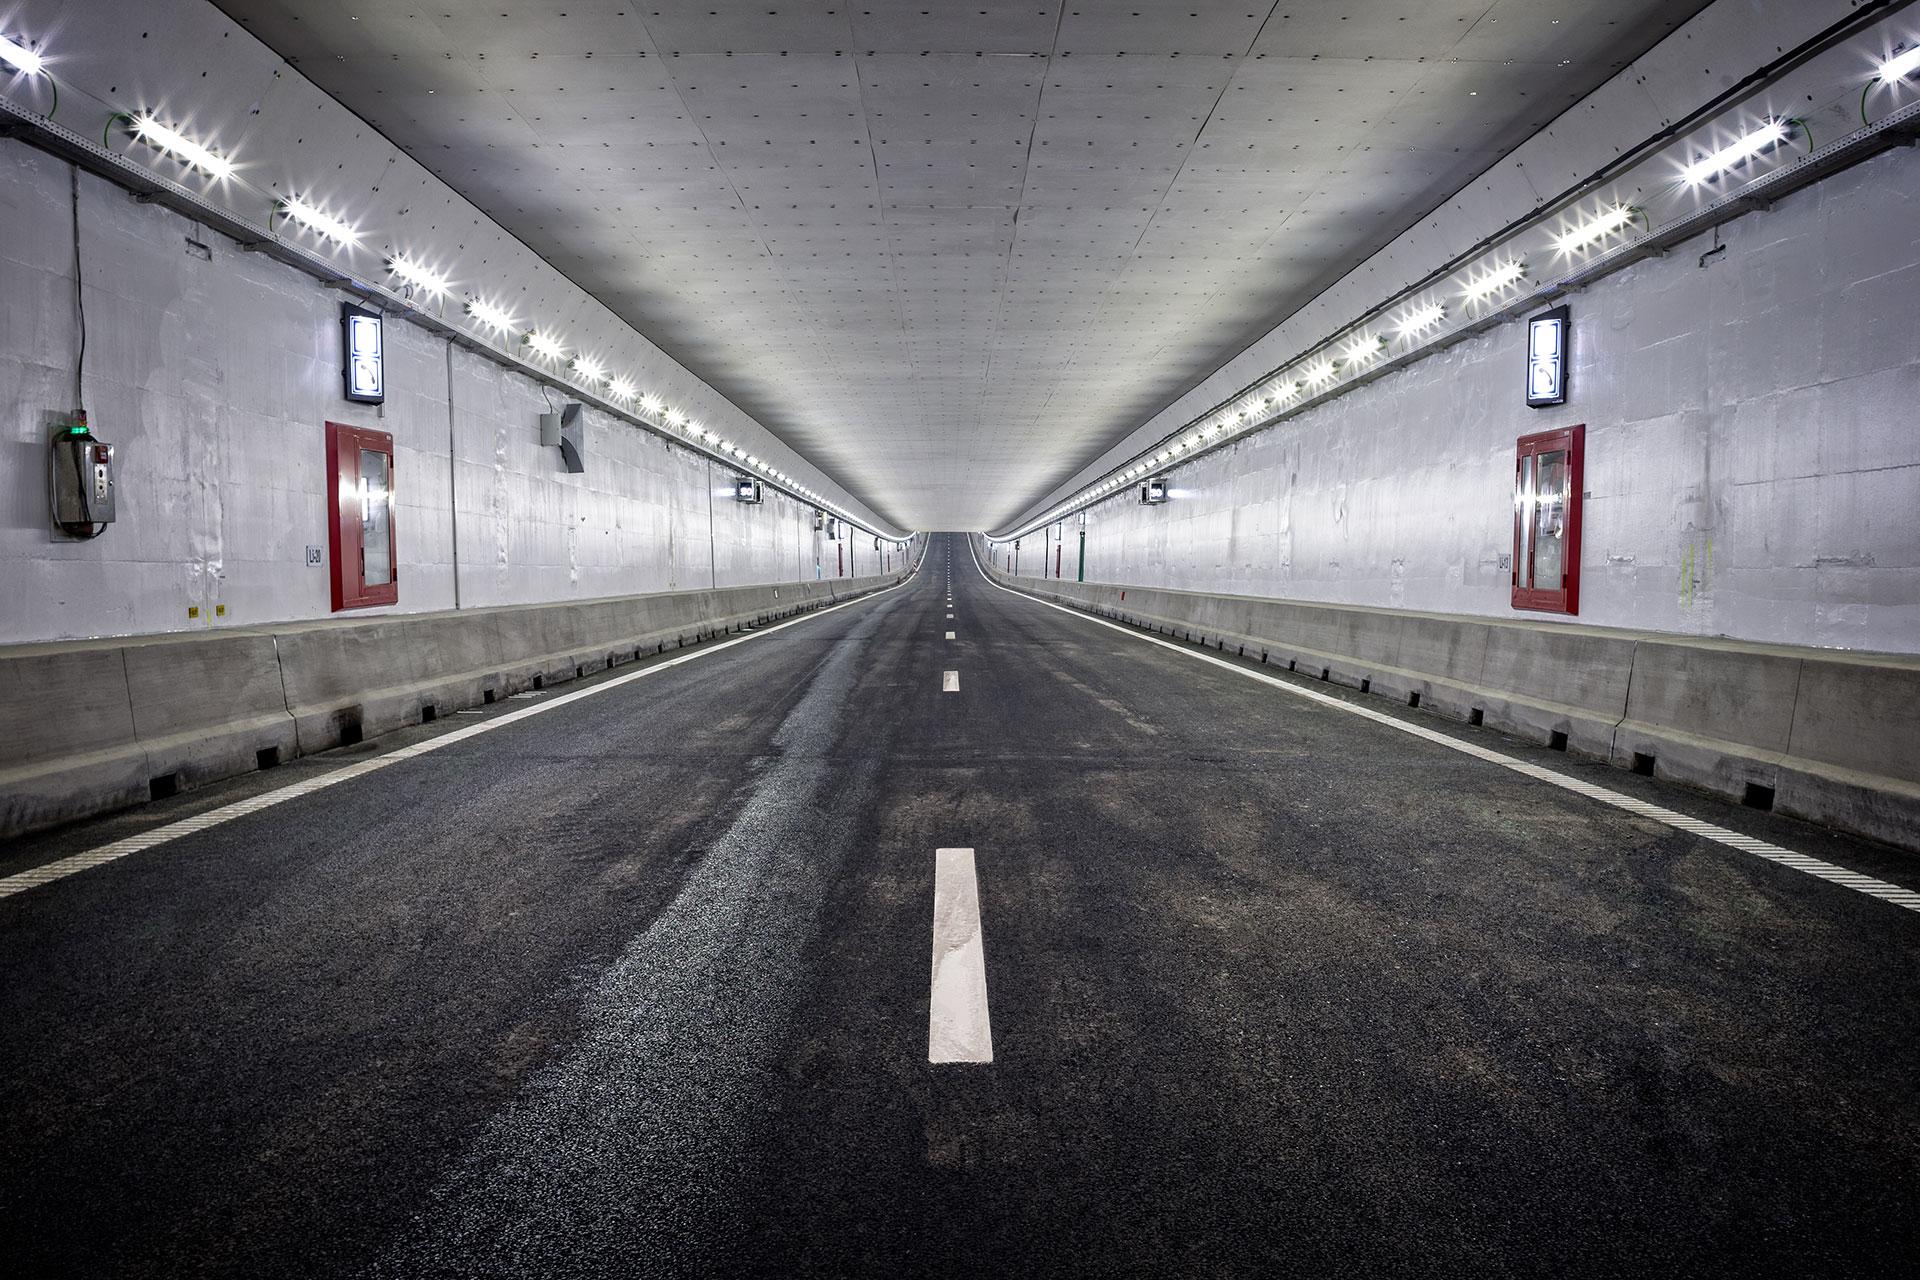 ce este viziunea în tunel acuitatea vizuală 0 3 ce este